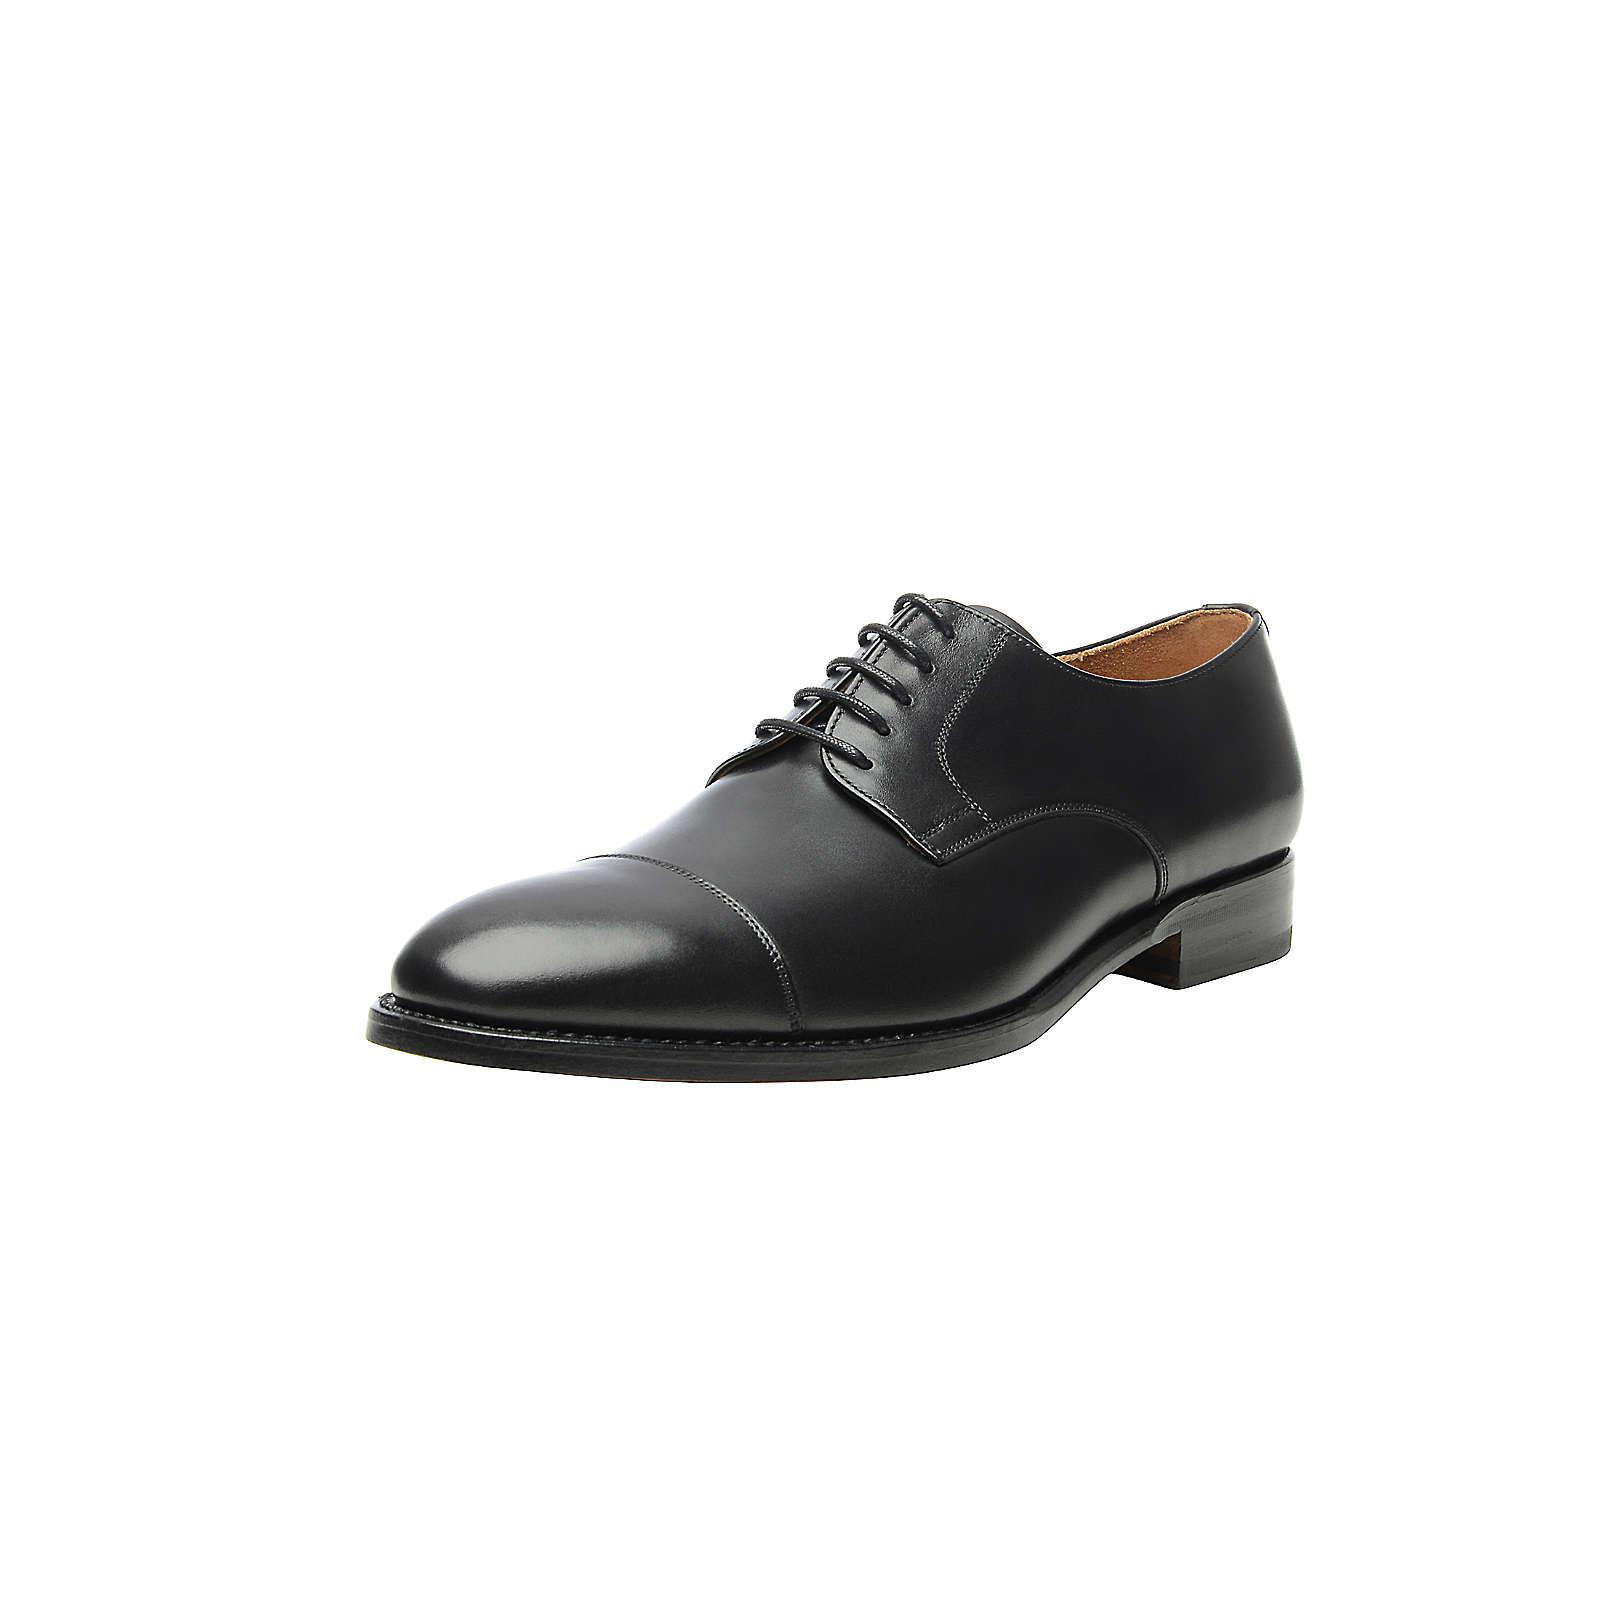 SHOEPASSION No. 540 Business Schuhe schwarz Herren Gr. 42 2/3